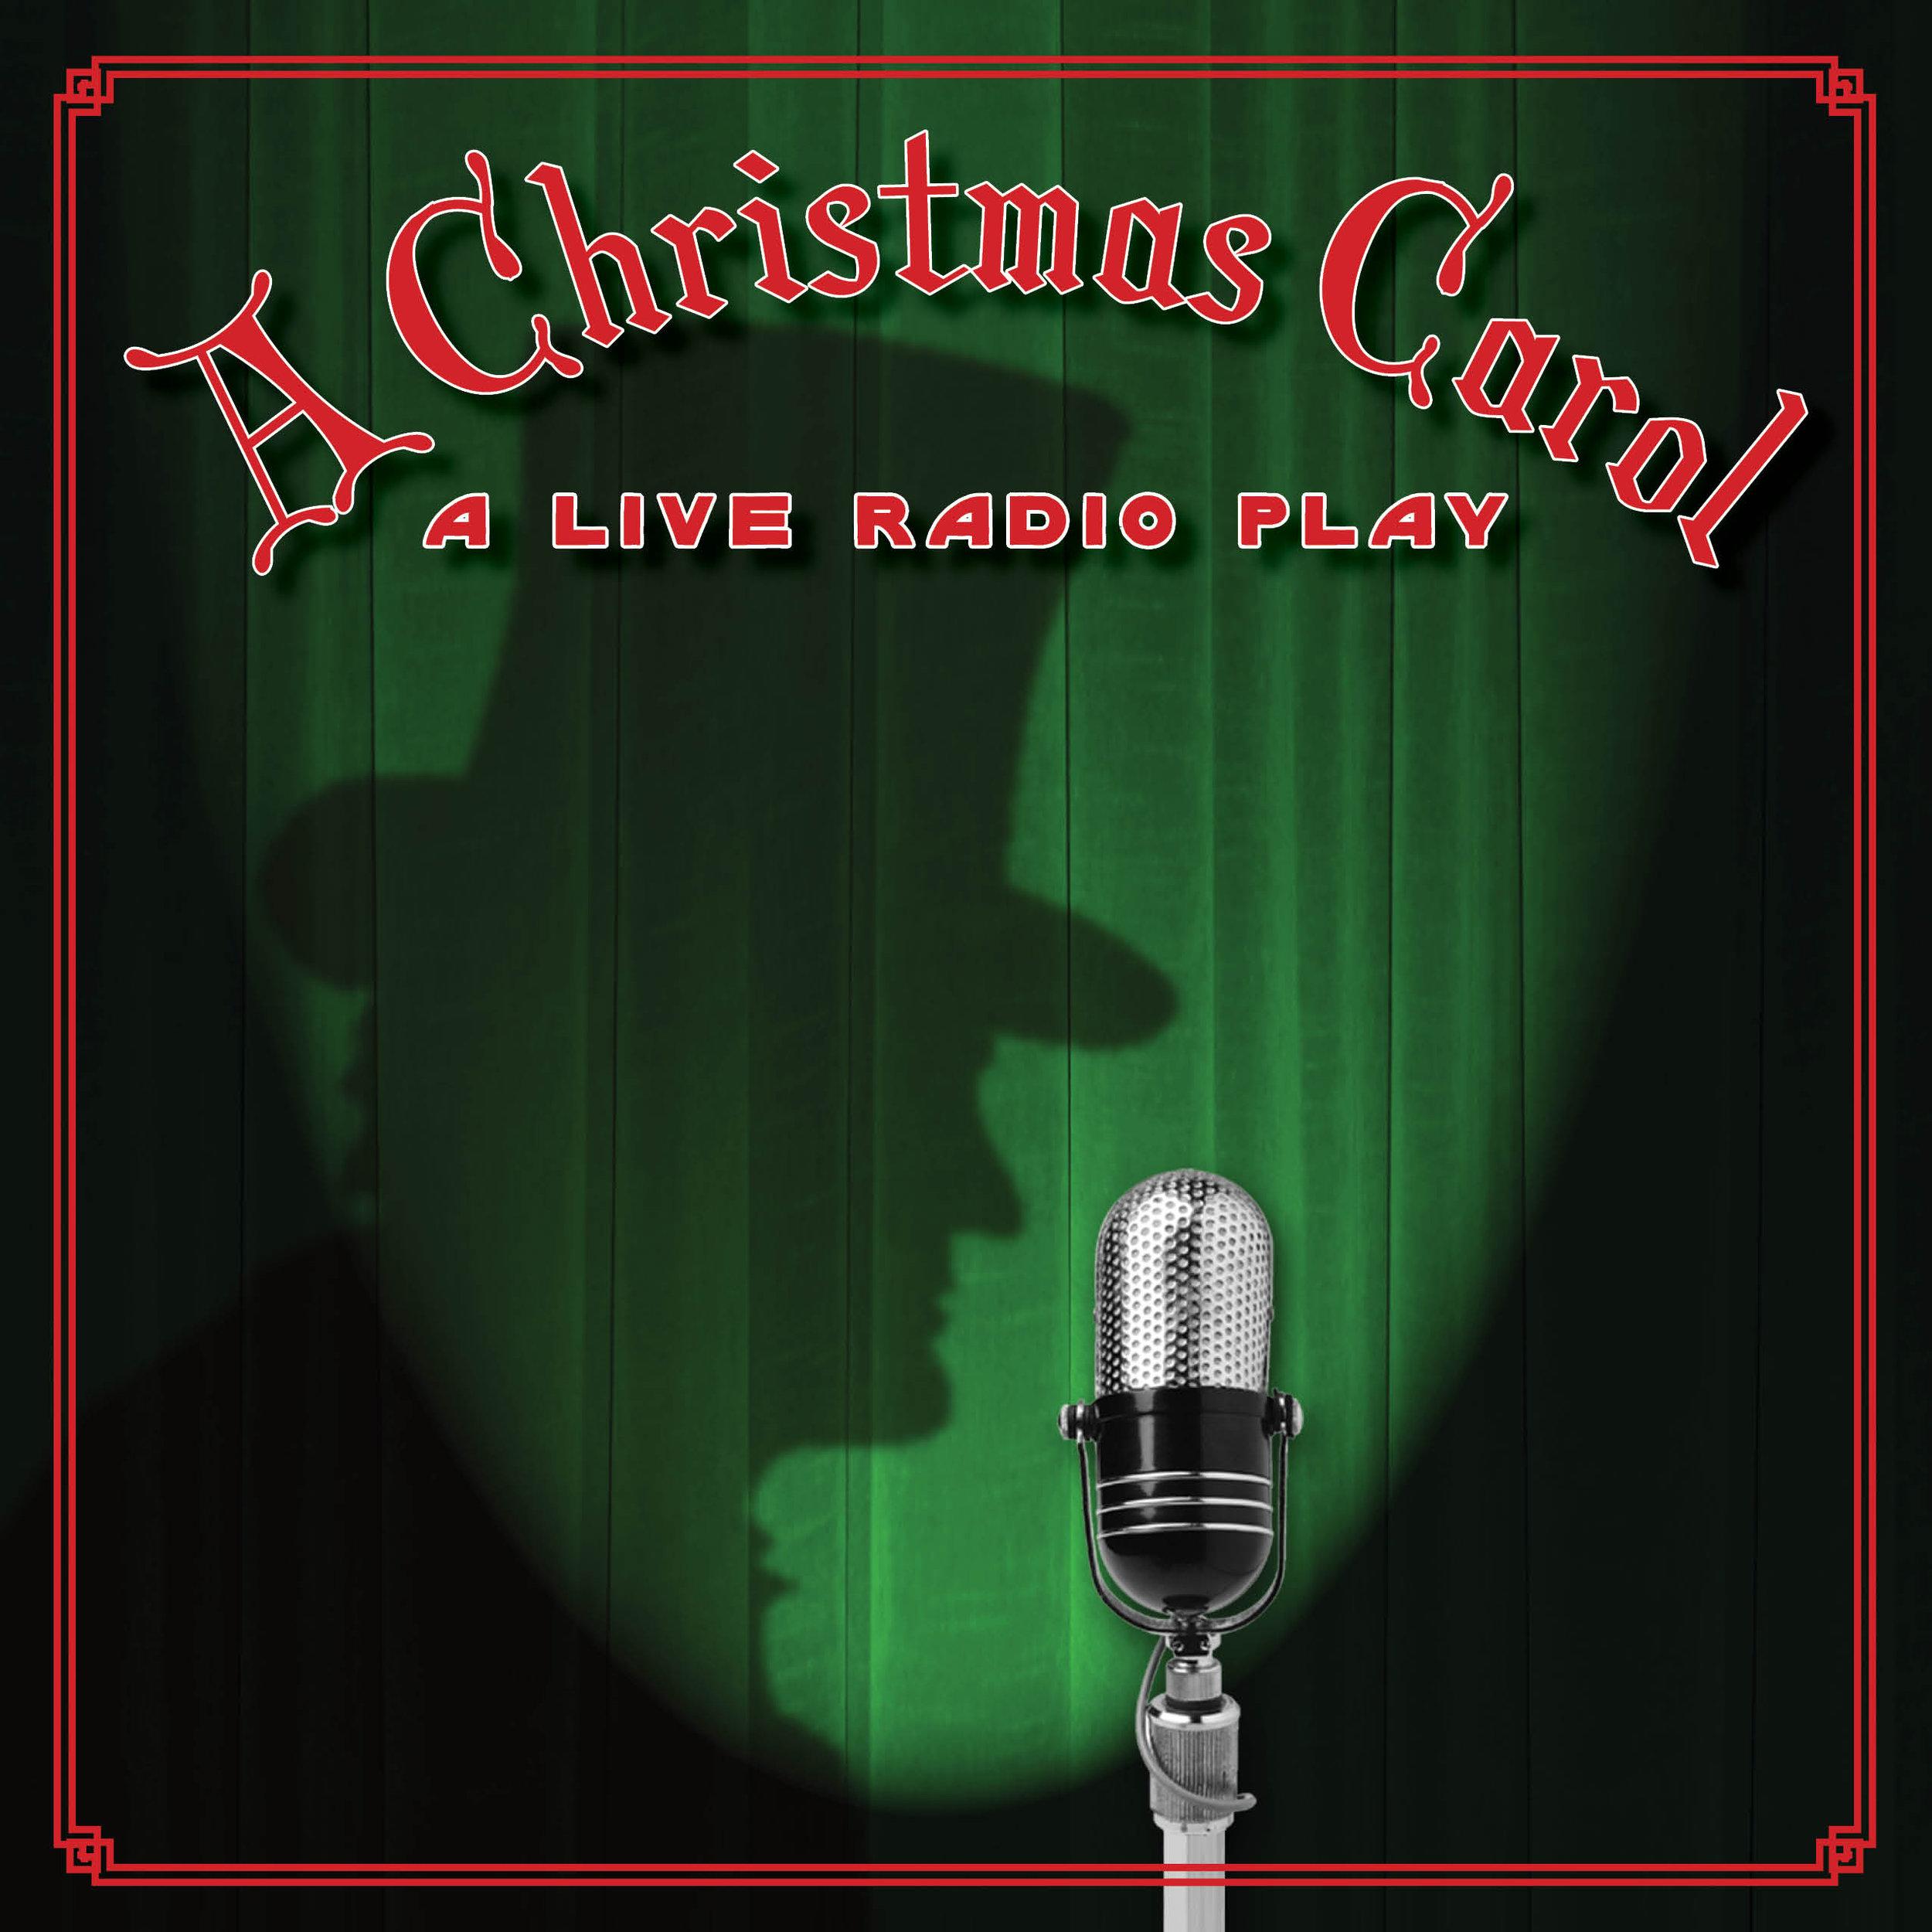 ChristmasCarol_Logo_Sq_A.jpg